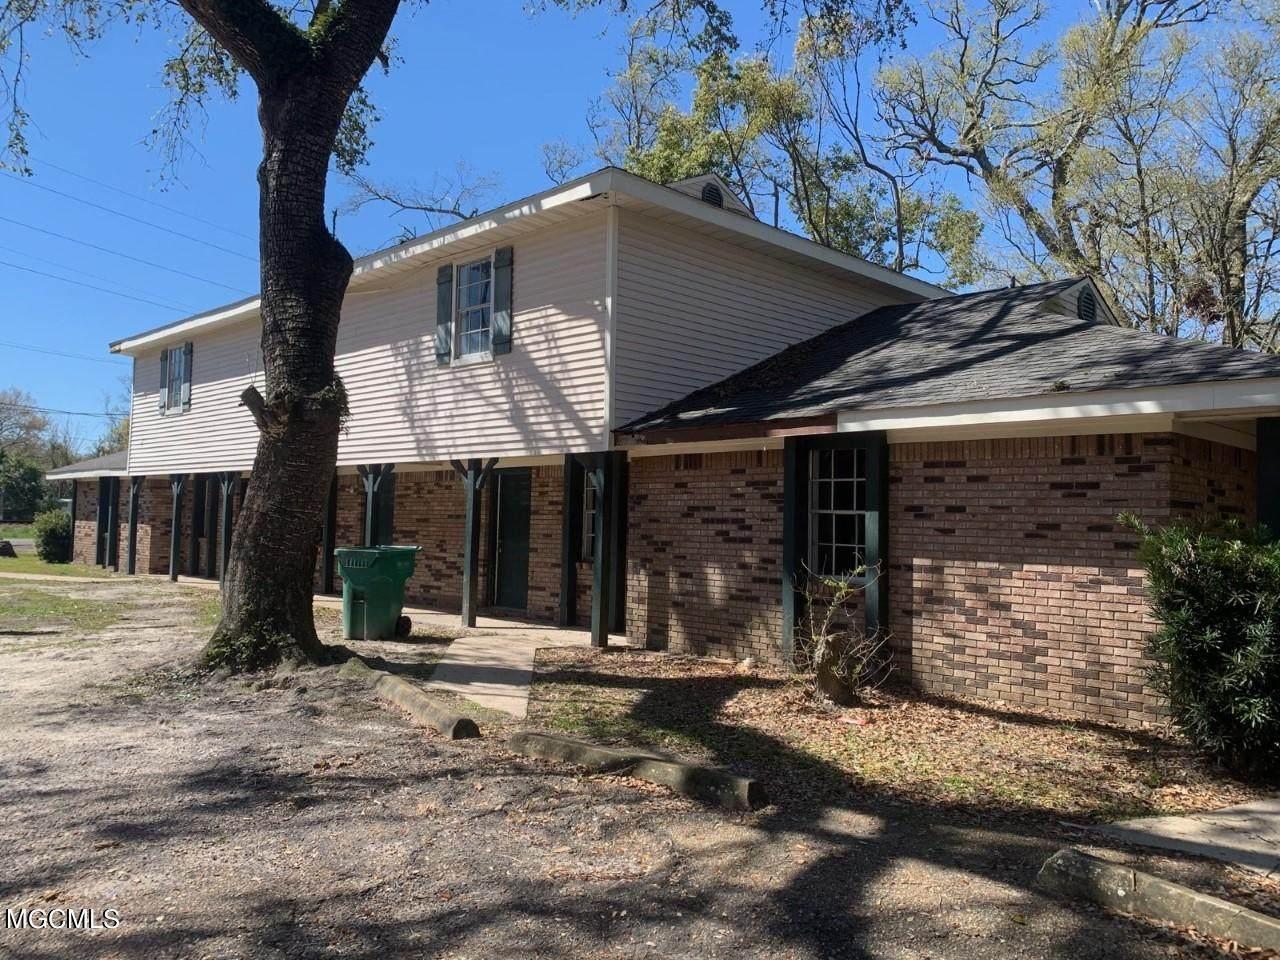 2201 Gulf Ave - Photo 1